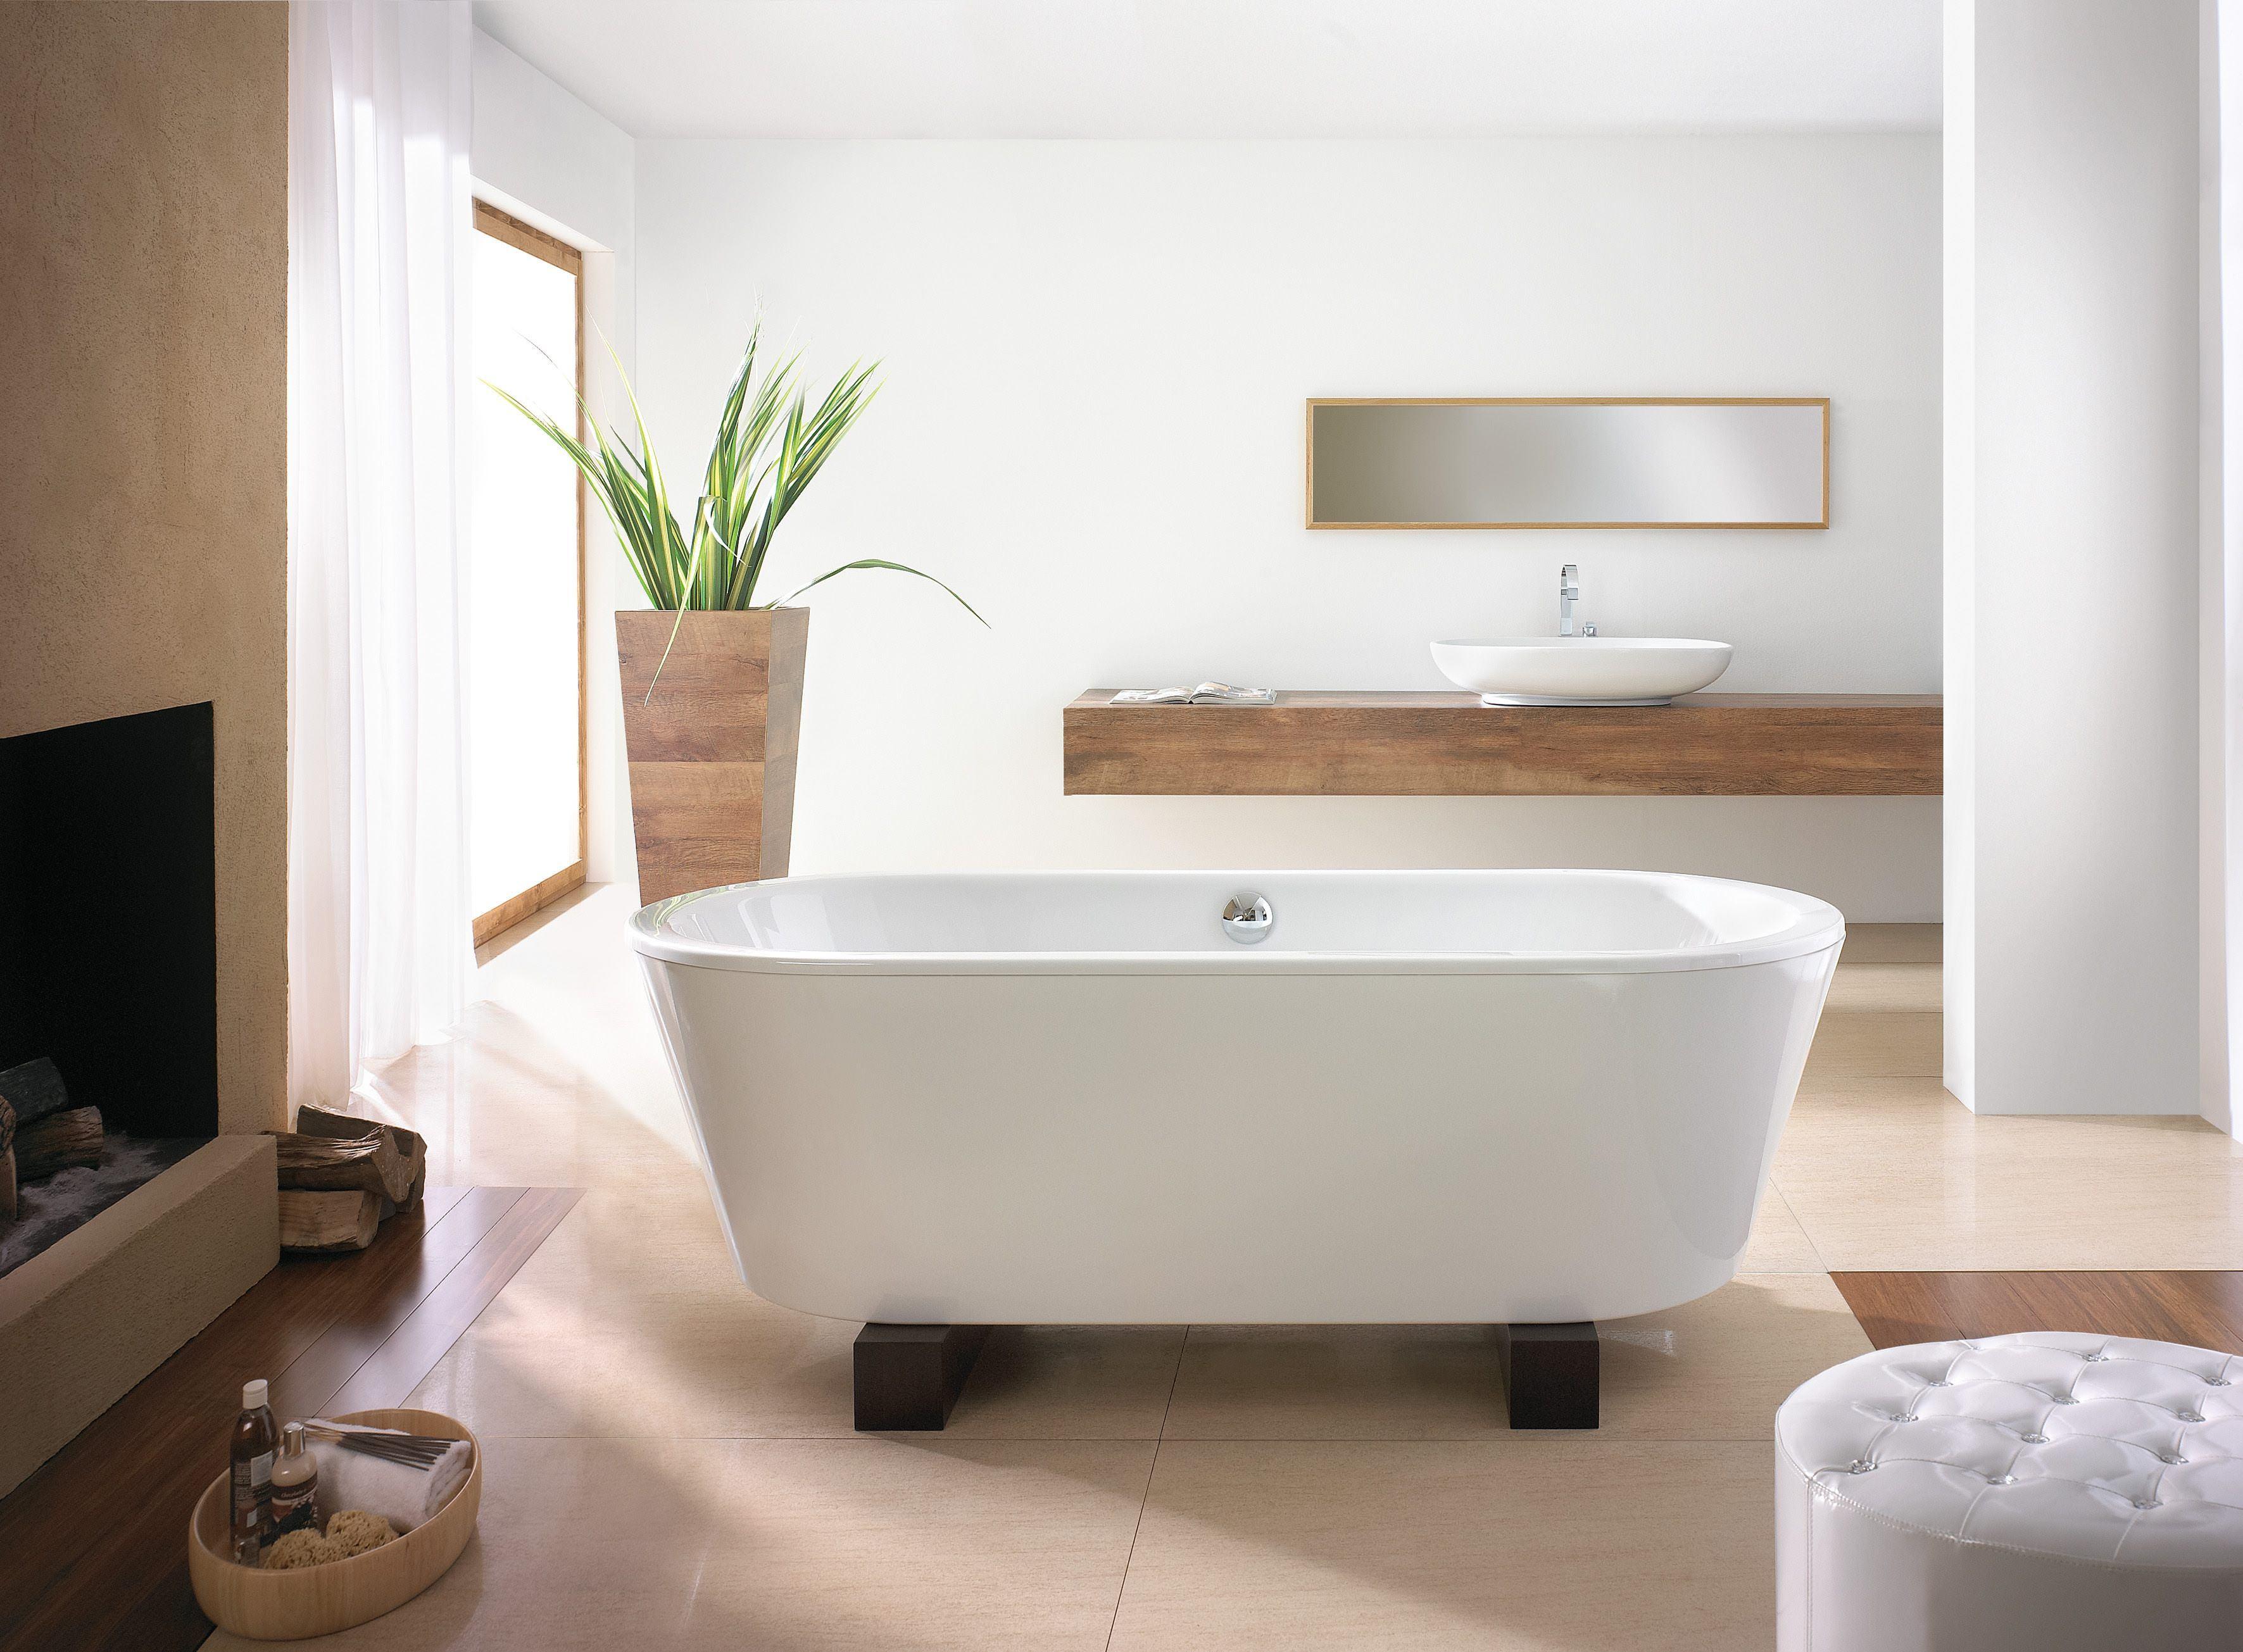 hoesch philippe starck 2 freistehende ovalbadewanne 1750 x. Black Bedroom Furniture Sets. Home Design Ideas